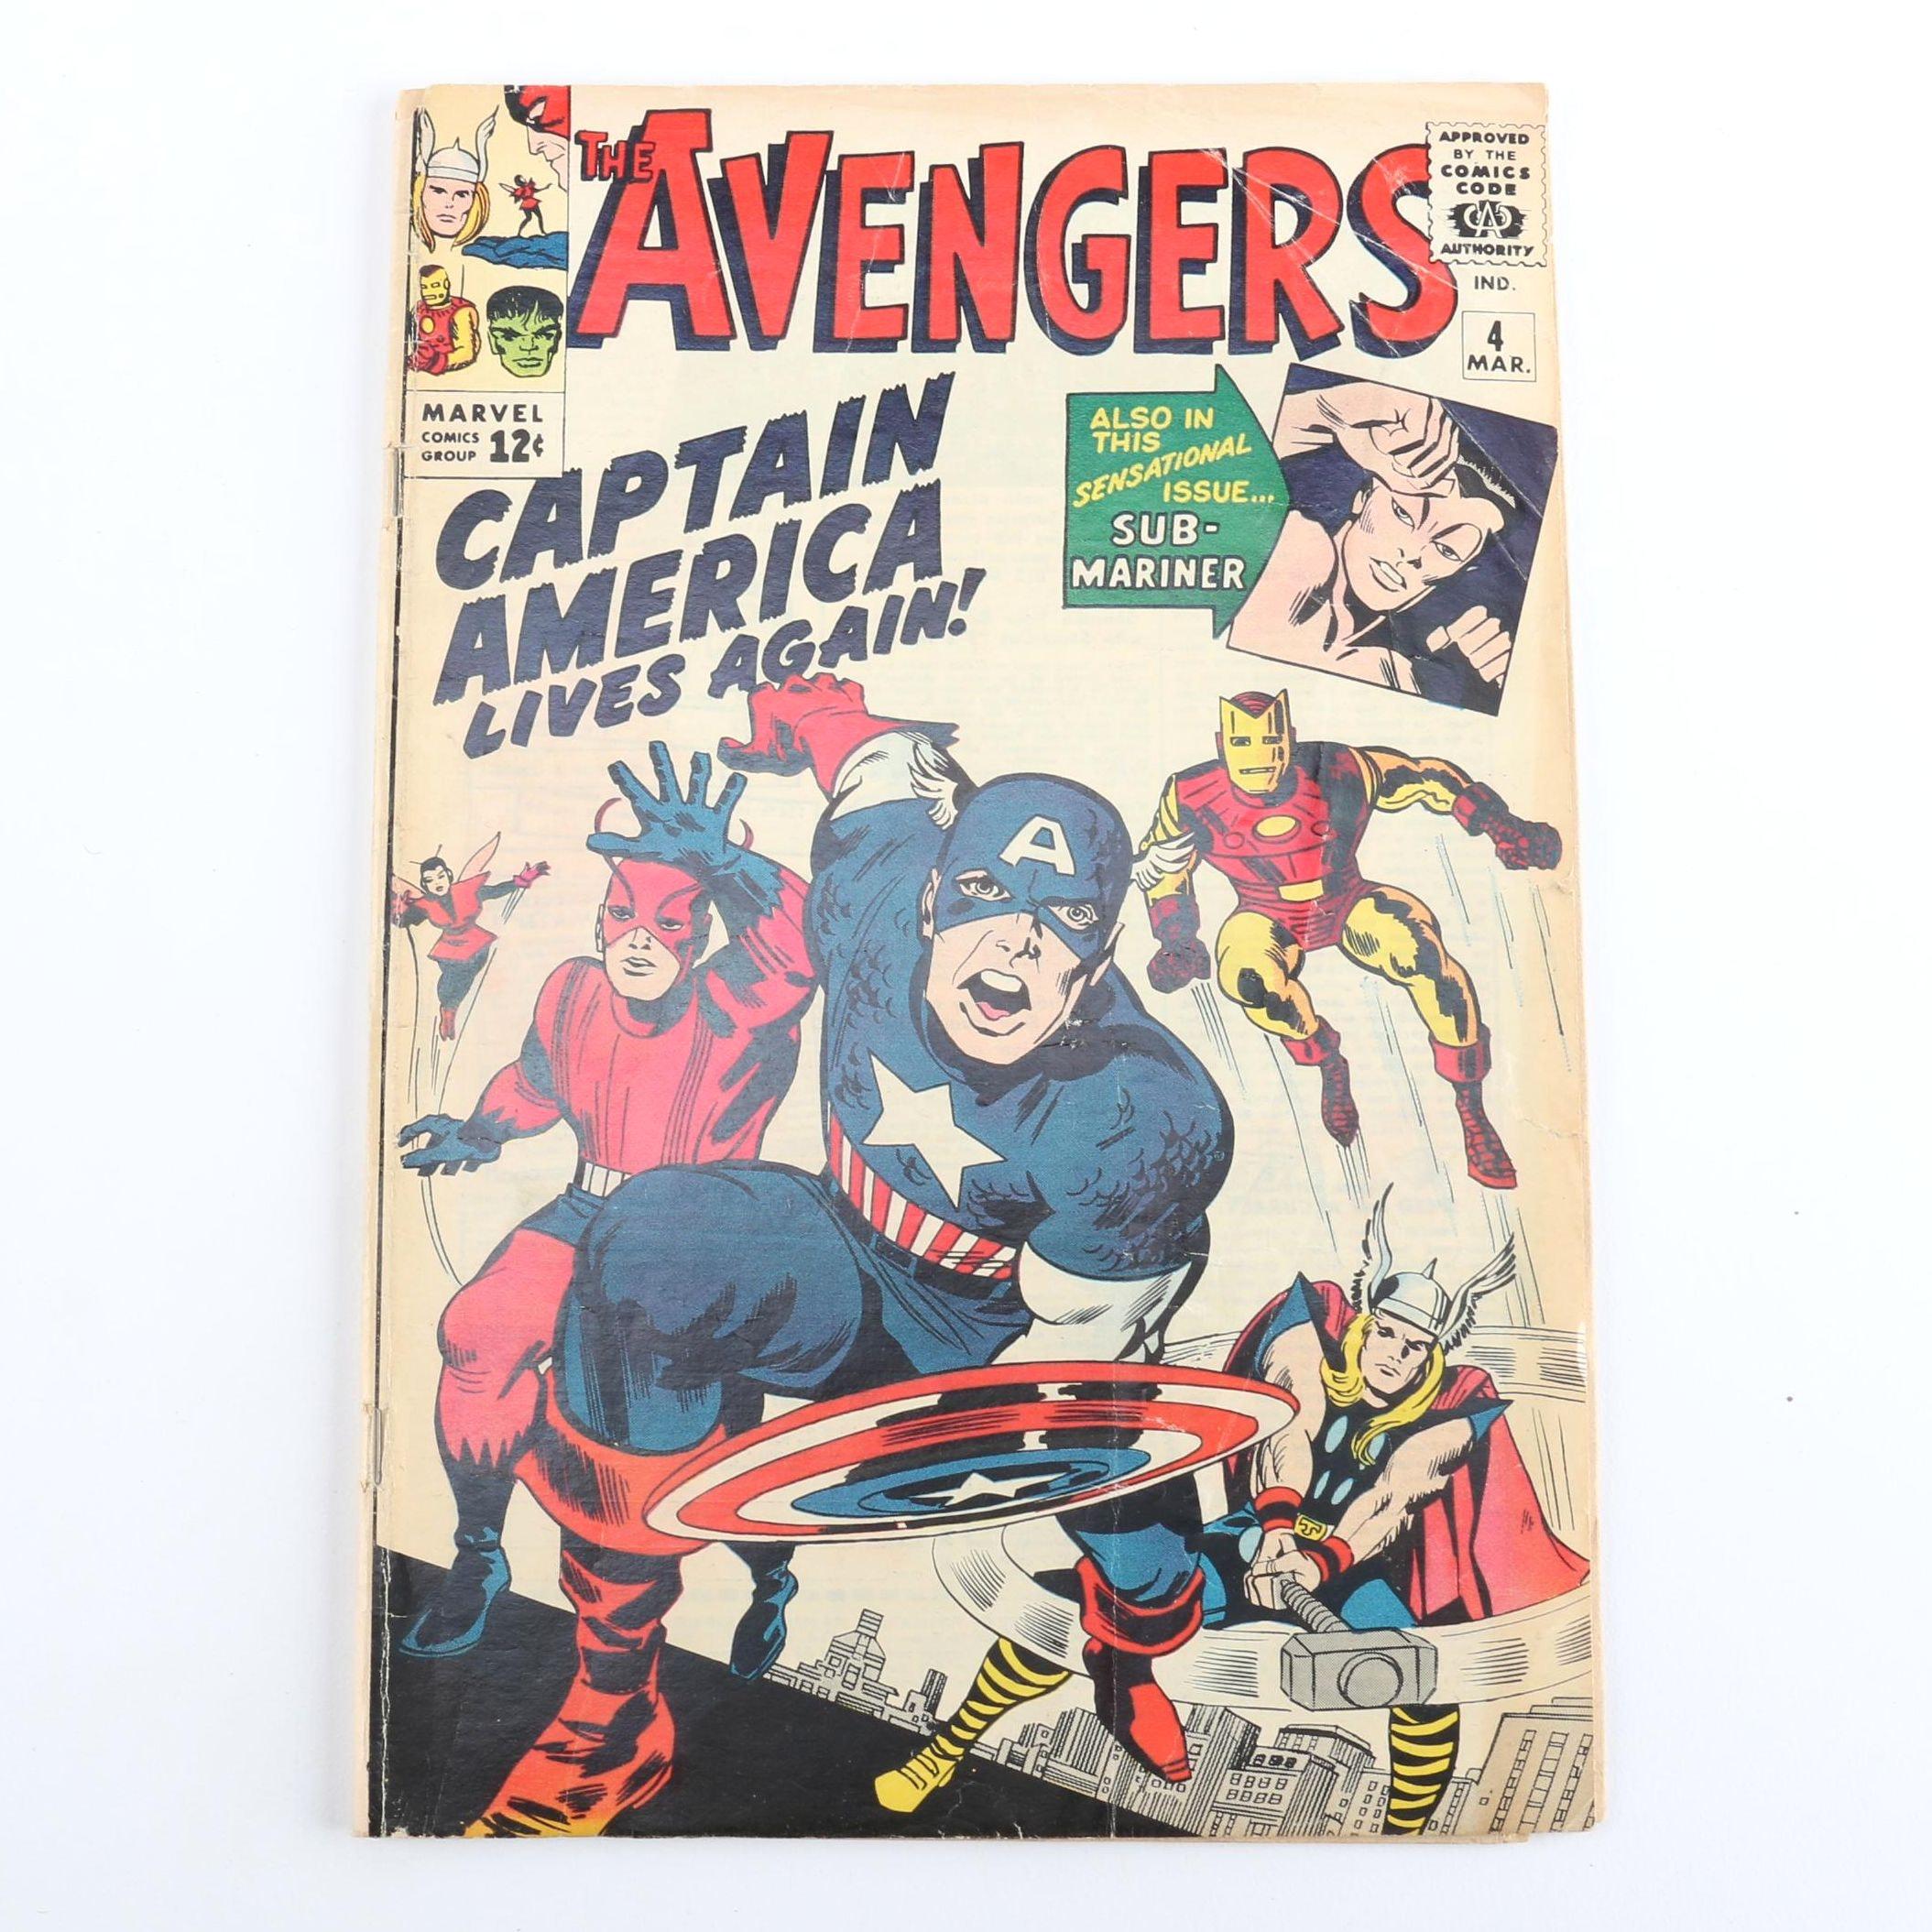 """1964 """"The Avengers: Captain America Lives Again!"""" #4"""